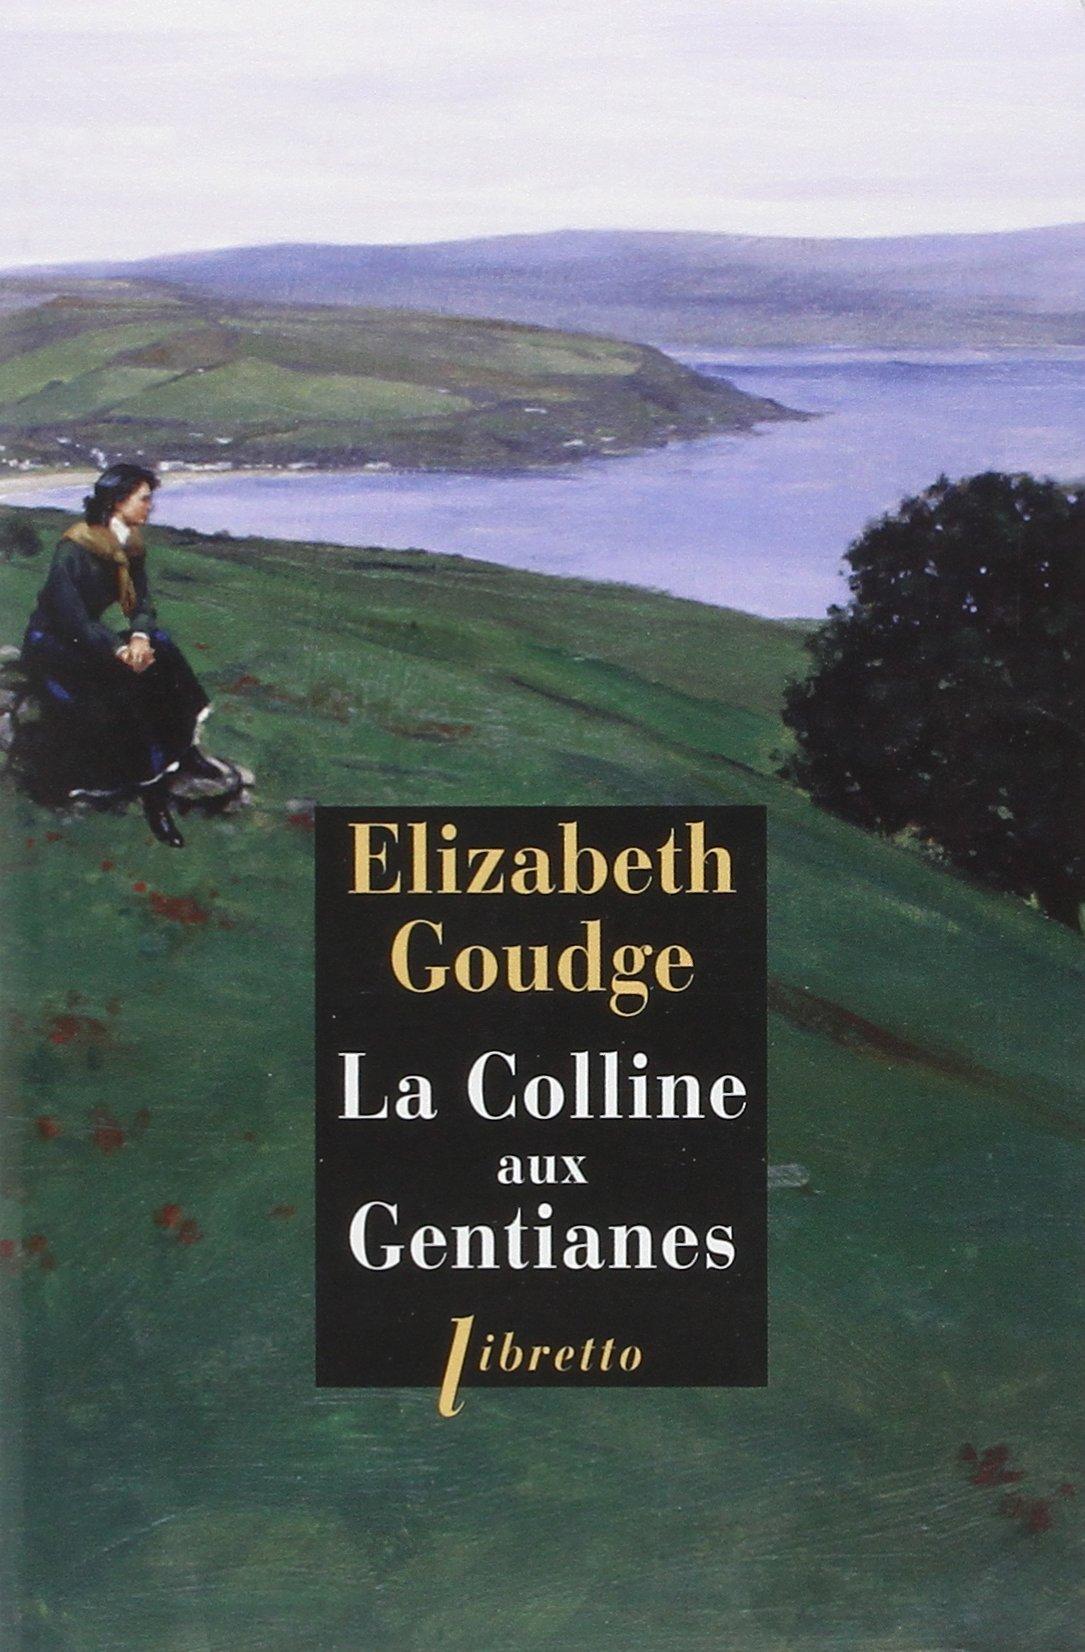 Amazon.fr - La colline aux gentianes - Goudge, Elizabeth - Livres